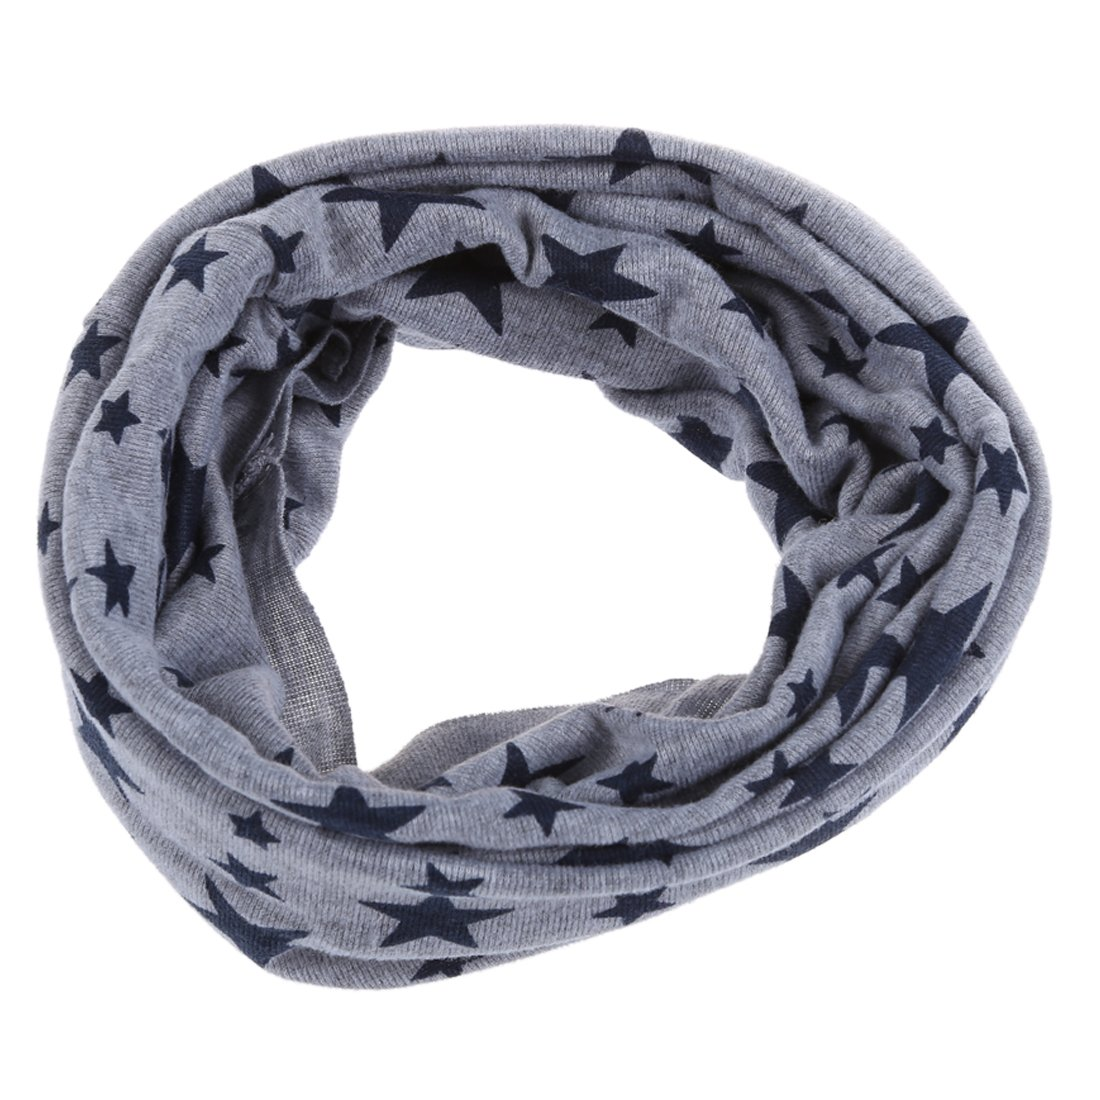 Echarpe bebe - SODIAL(R)Echarpe de bebe unisexe Exharpe tricote d¡¯etoile a cinq branches Echarpe tour de cou?d¡¯hiver plus chaude Gris 051994